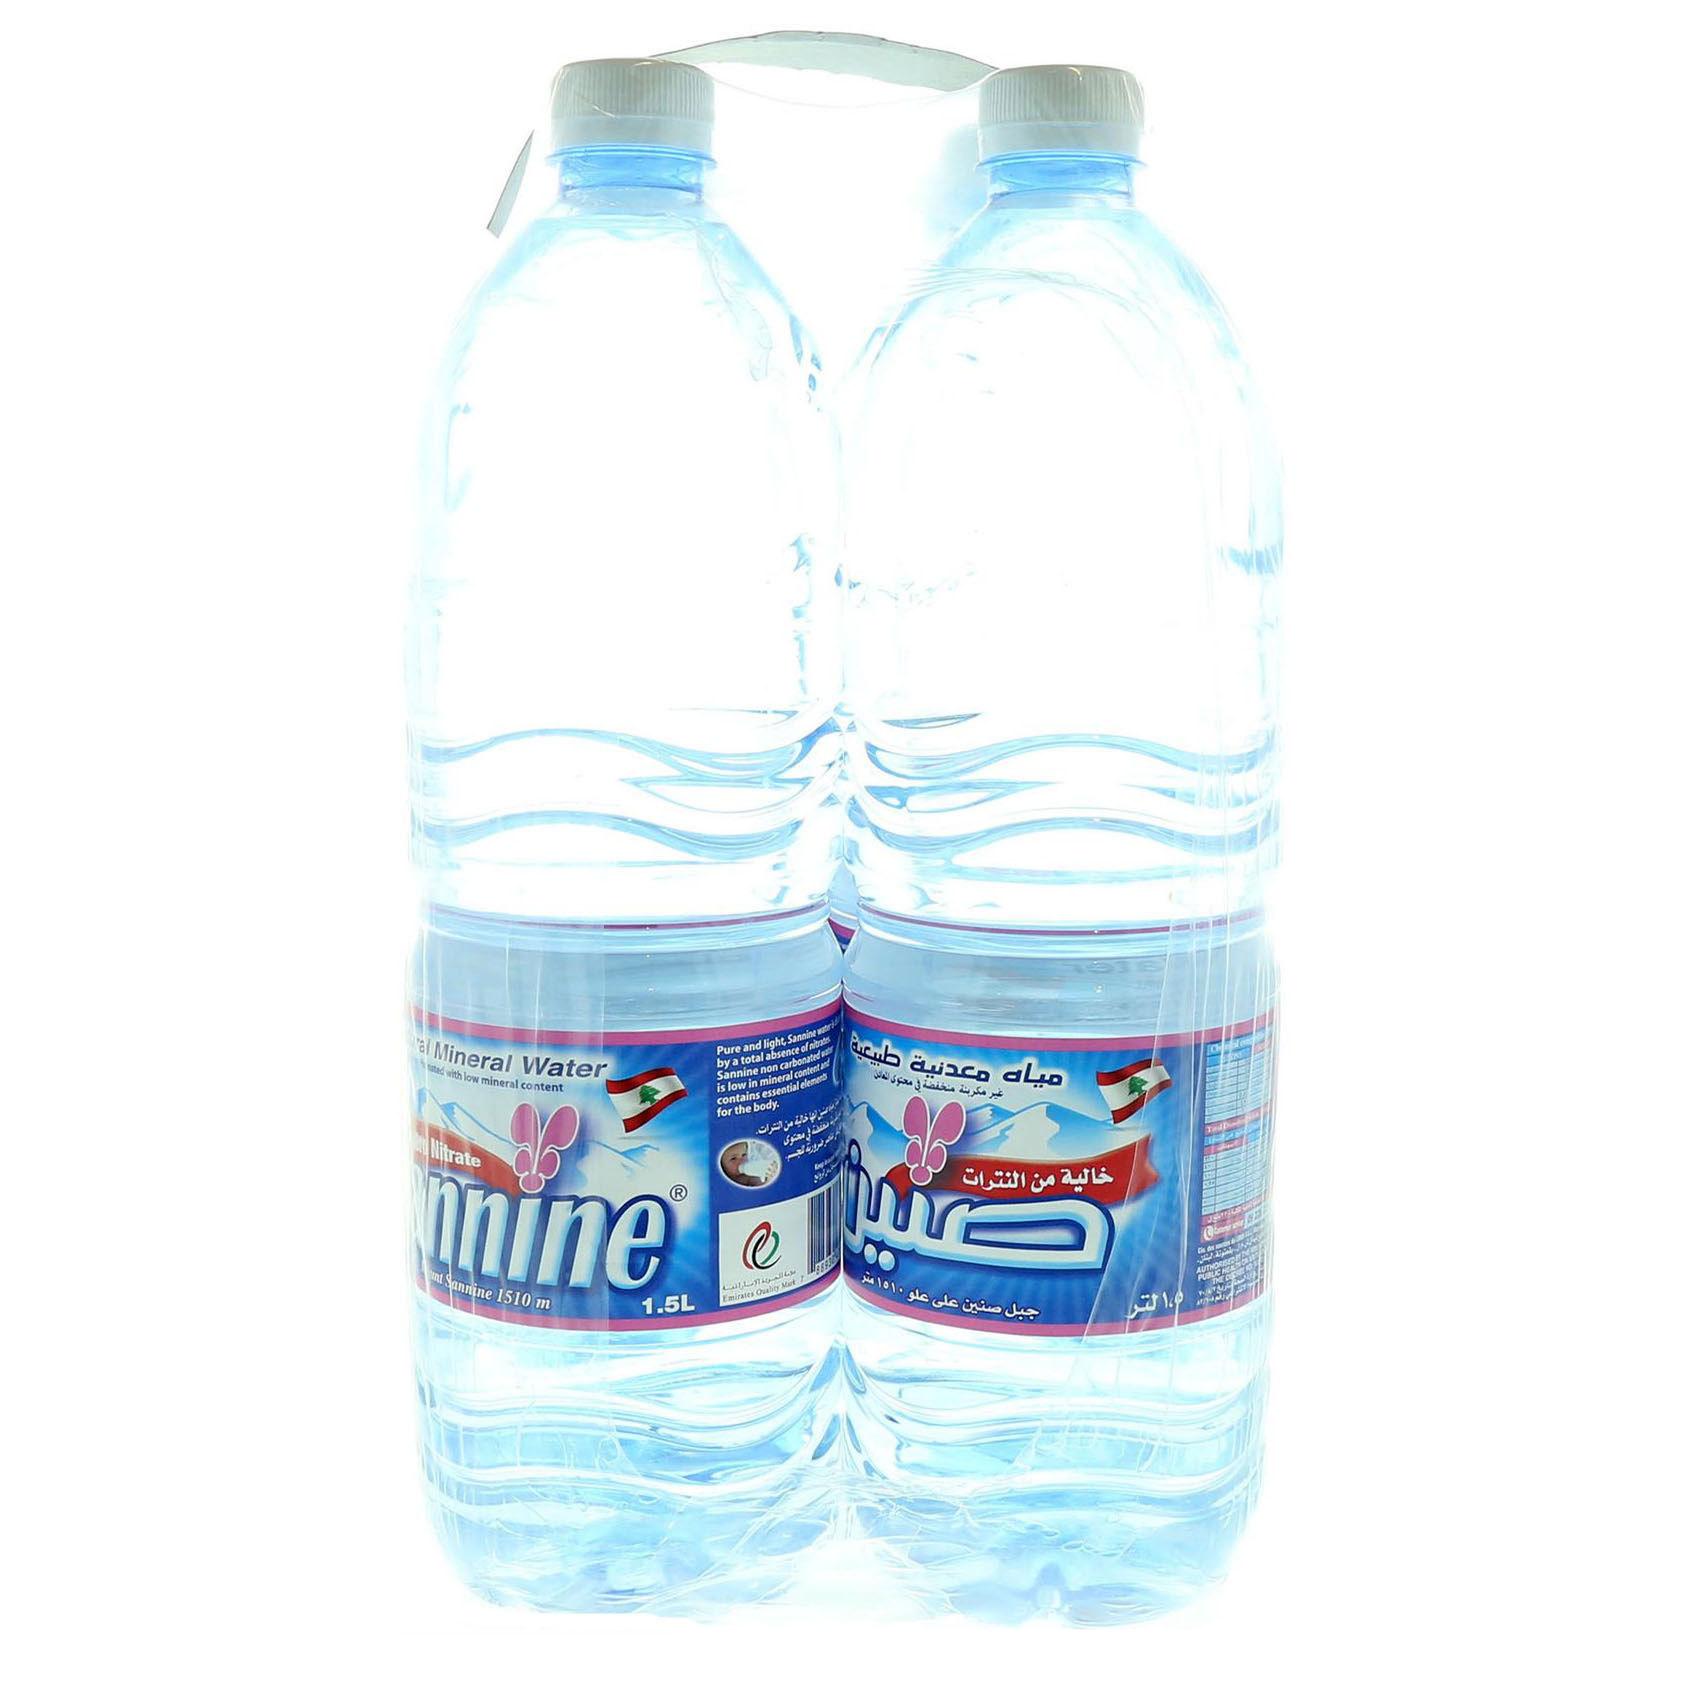 SANNINE MINERAL WATER 1.5LX6